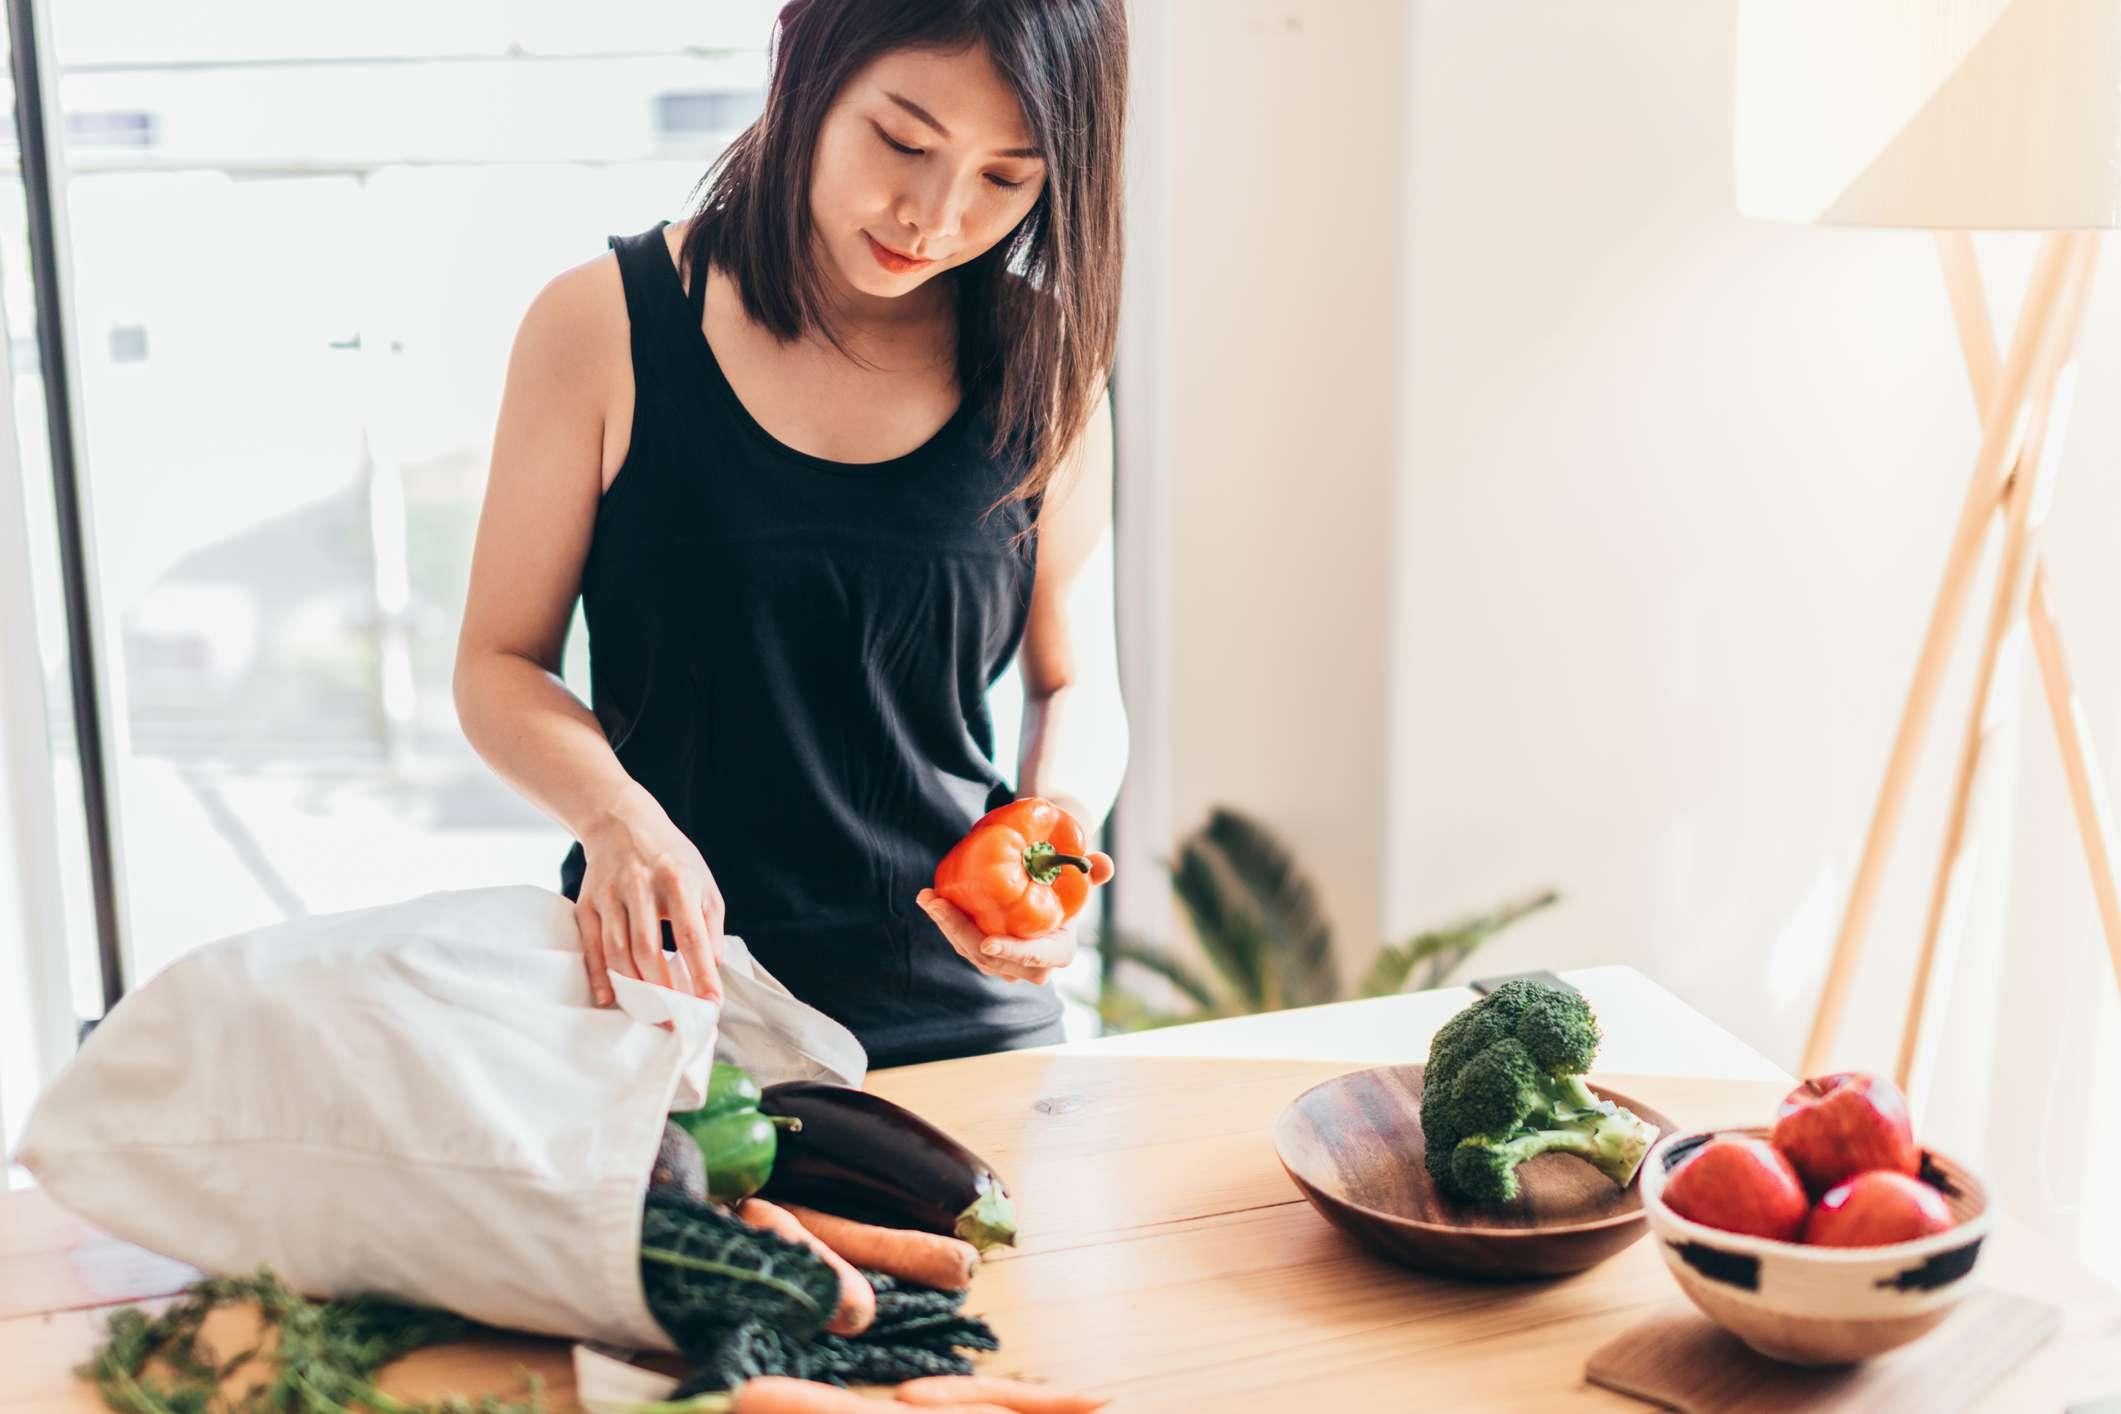 Woman preparing healthy food.